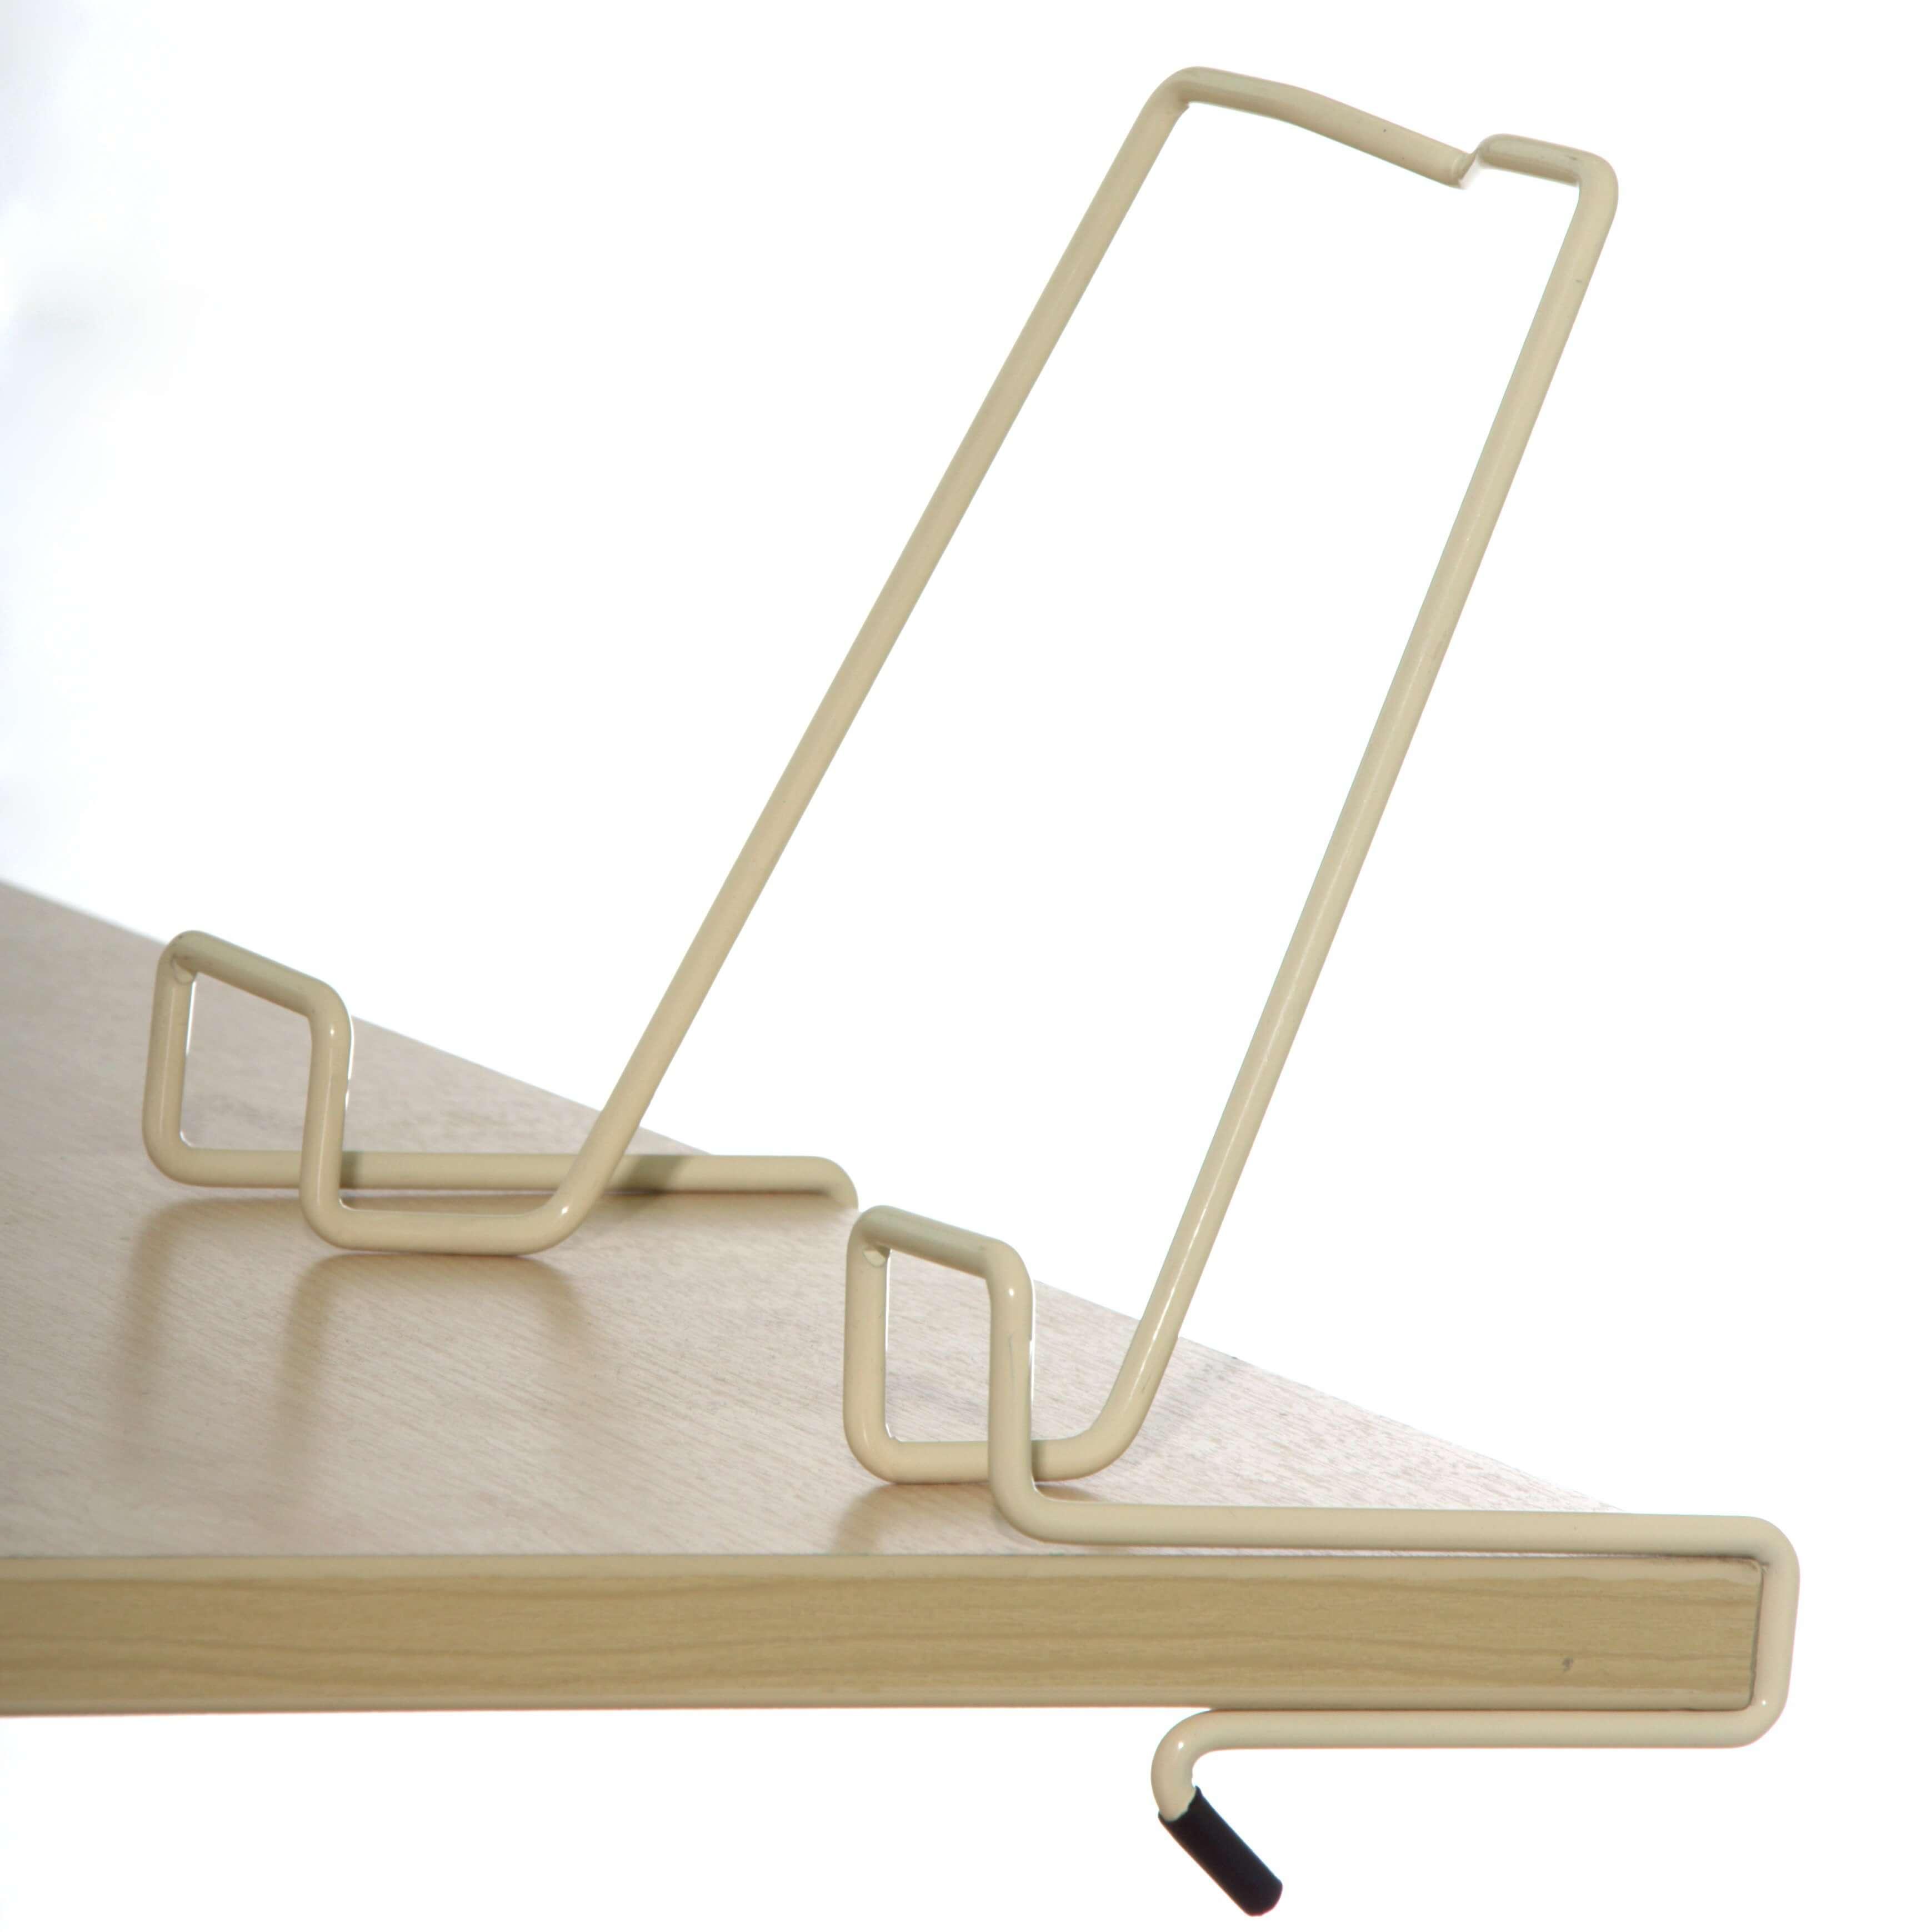 Купить Подставка для книг для наклонных столешниц Дэми (ПК-01) в интернет магазине. Цены, характеристики, фото, отзывы, обзоры